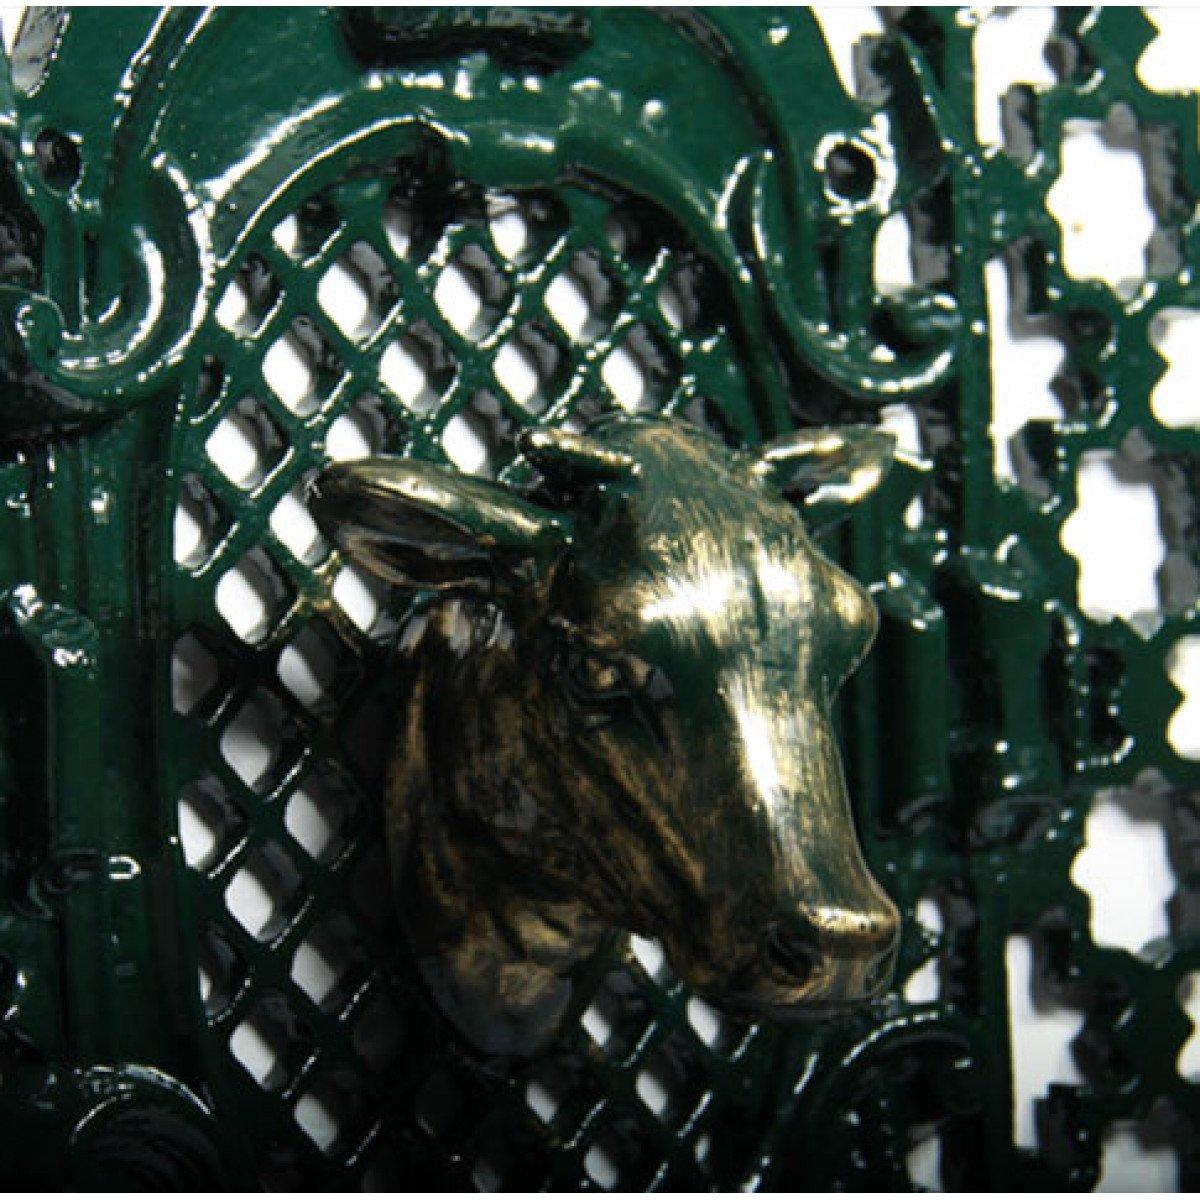 Deurrooster R 491 A Koeienkop H:103 x B:52 (5342) -  - Deurroosters